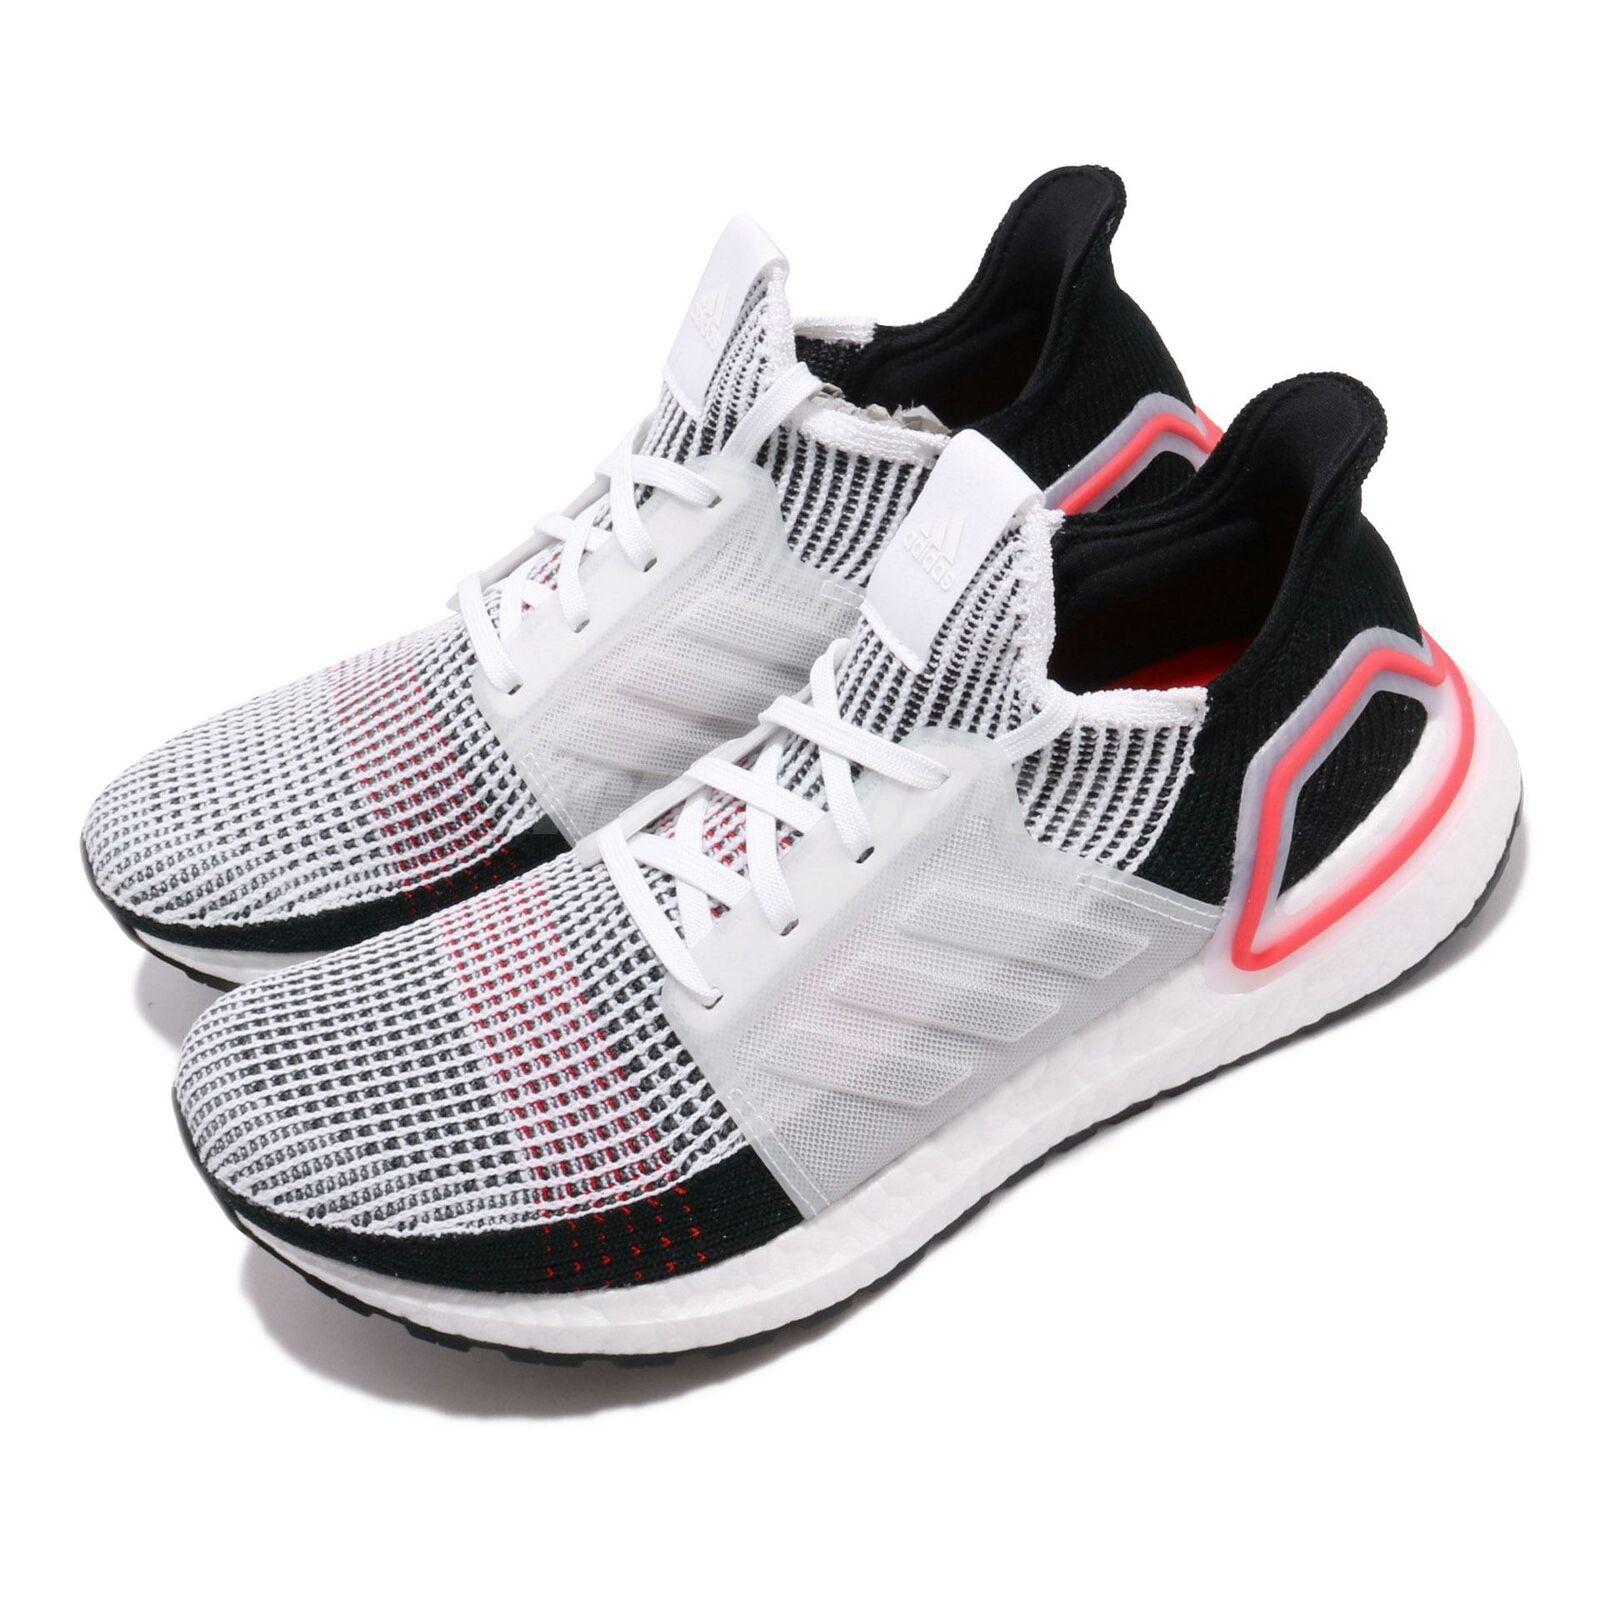 Adidas UltraBOOST 19 Láser blancoo Rojo Negro para Hombre Running Zapatos TENIS B37703